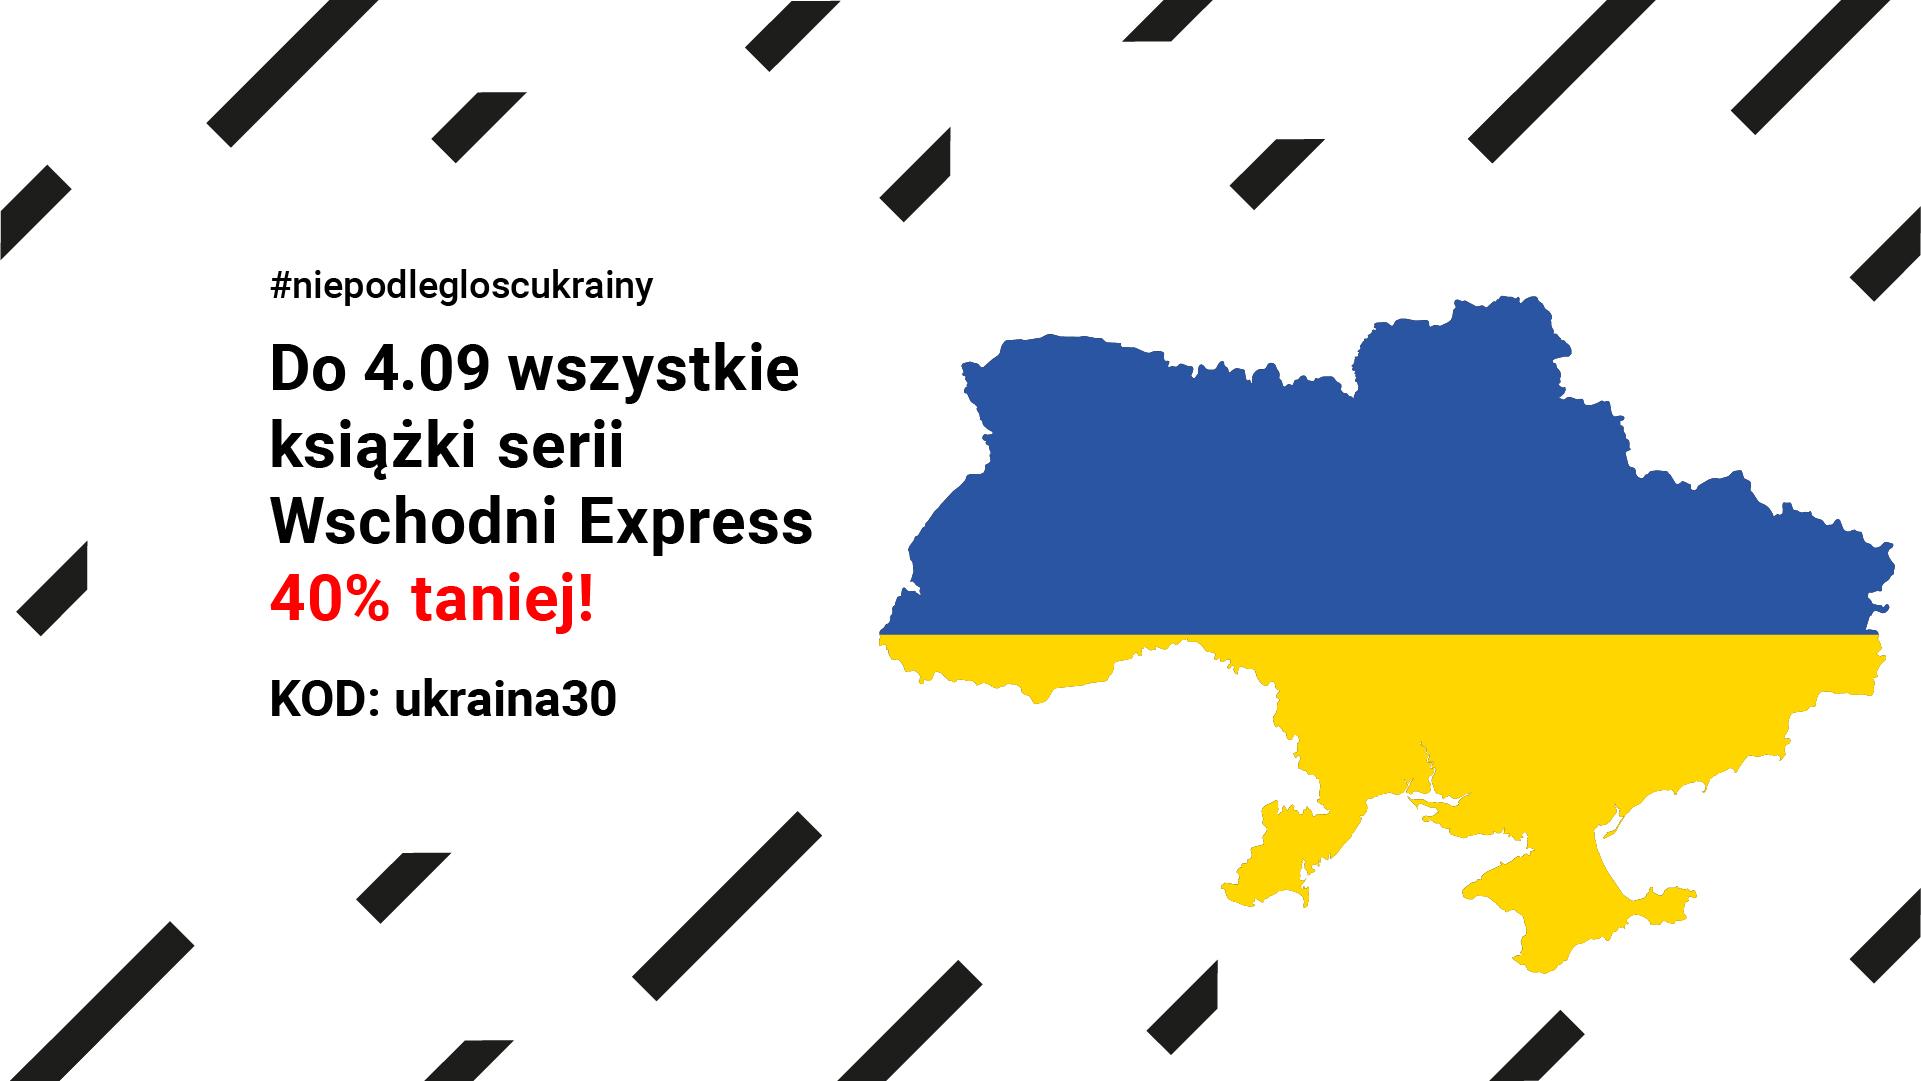 Banaer informujący o promocji na książki z serii Wschodni Express. Promocja trwa do 4.09. kod promocyjny ukraina30. Na grafice kontur obszaru ukrainy.